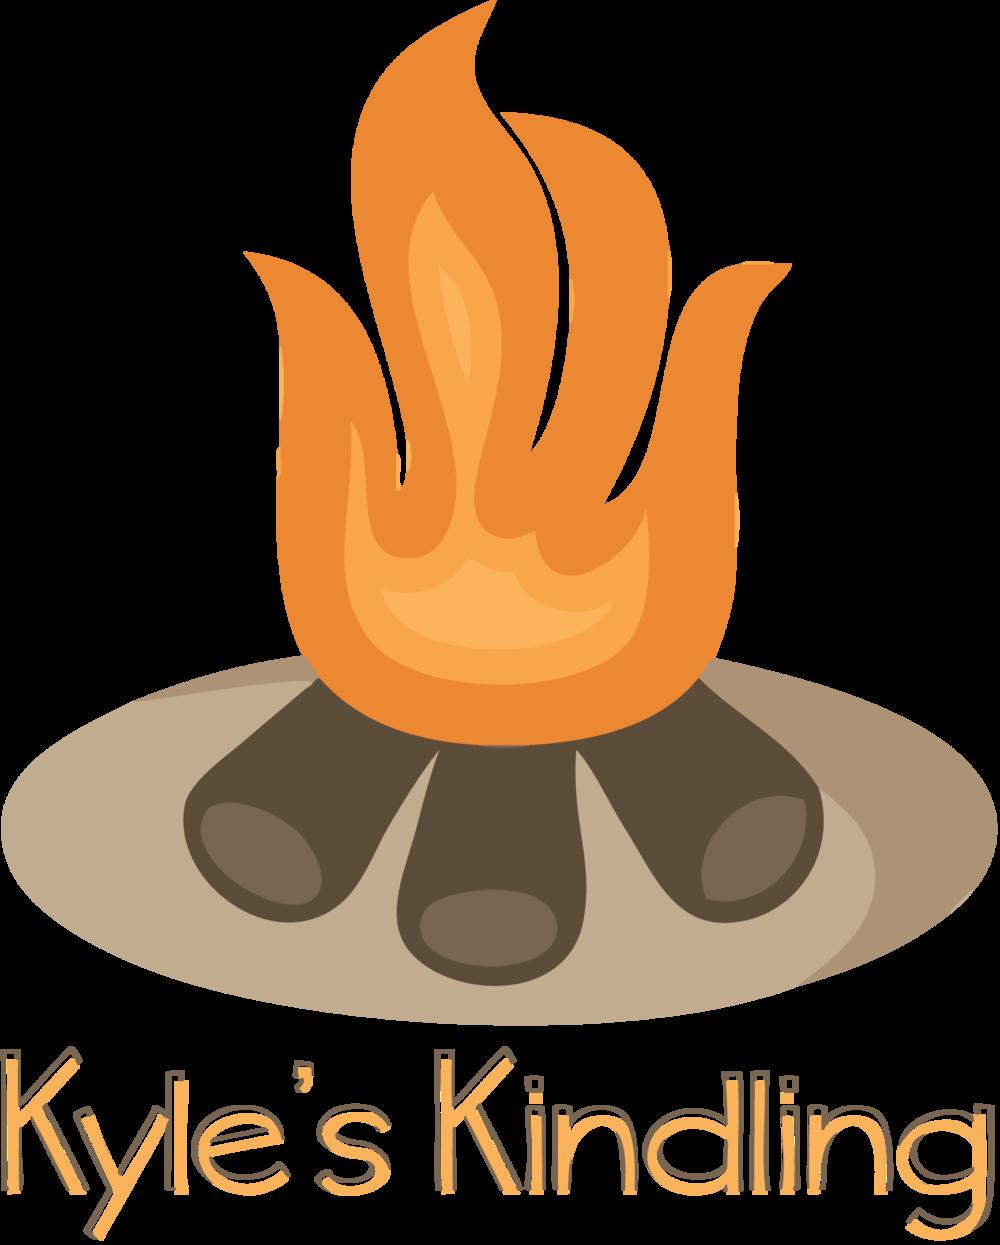 Kyles_Kindling_Logo.png